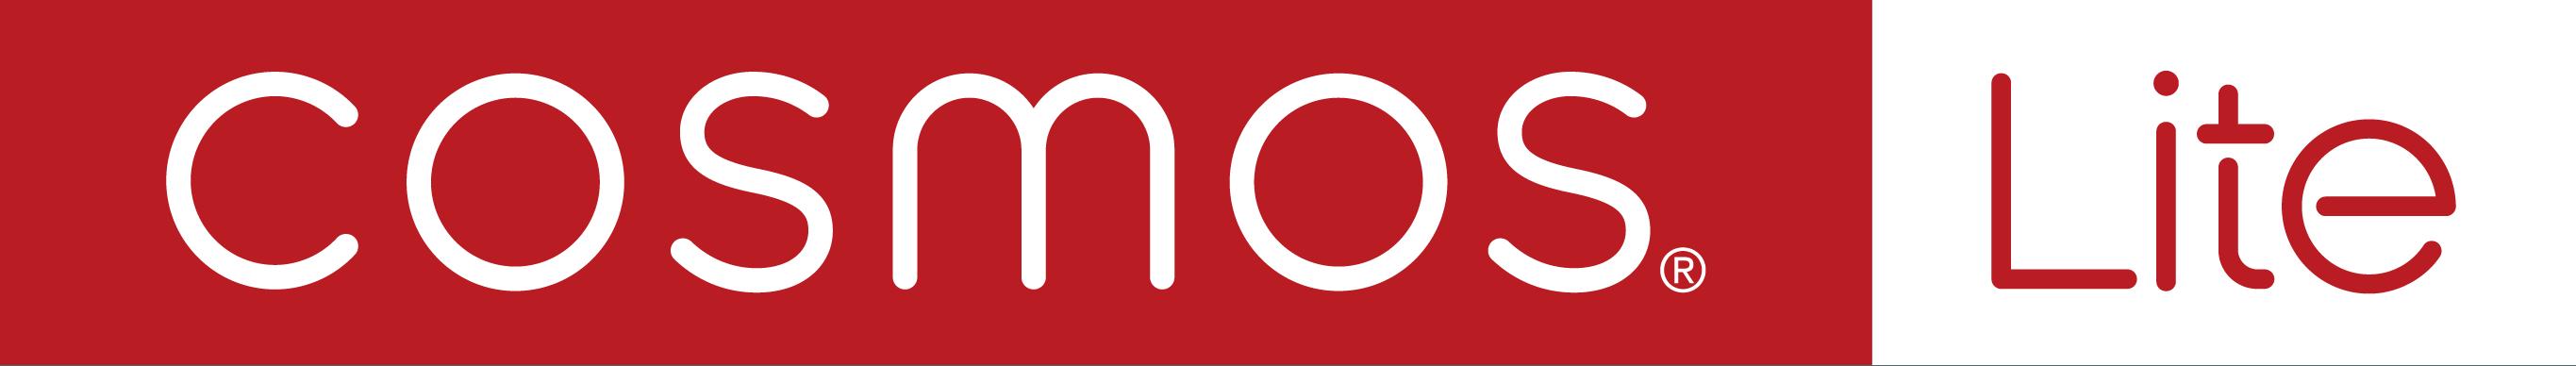 CosmosLite new logo